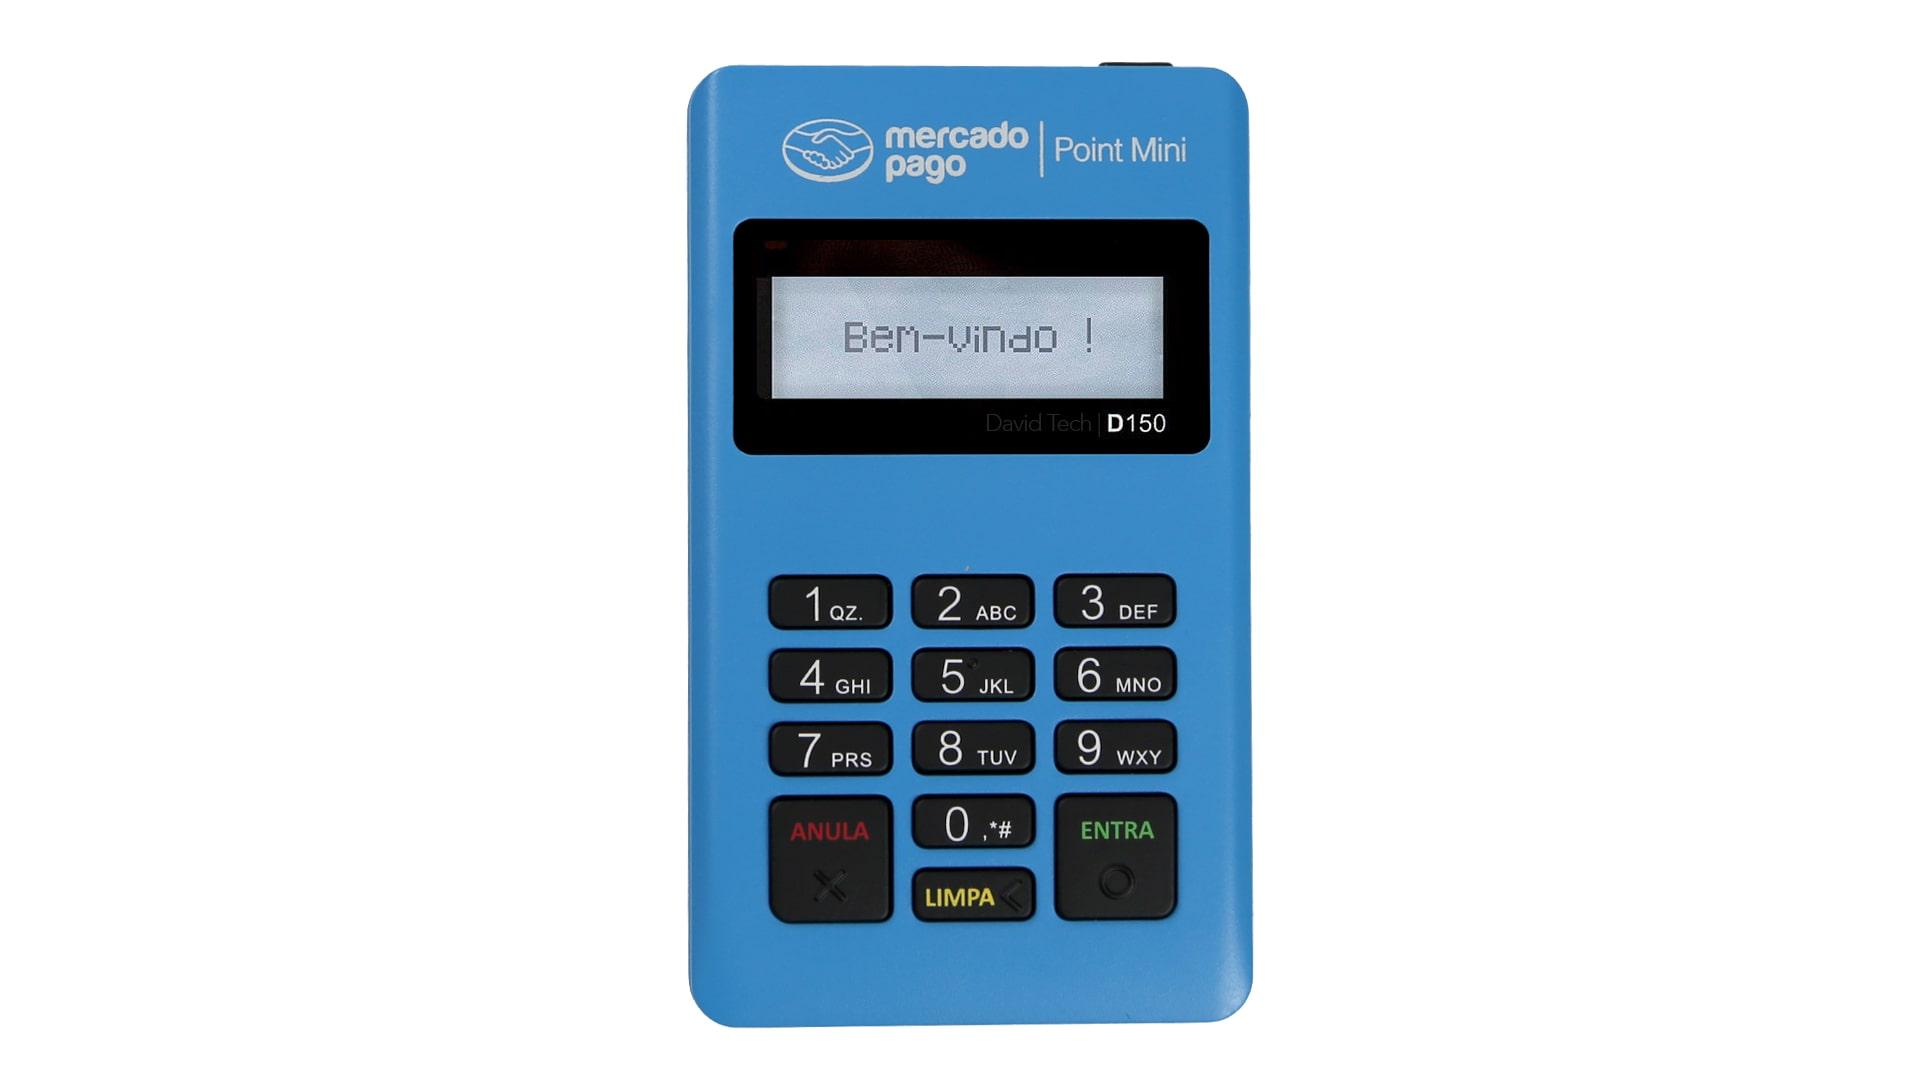 point mini azul - mercado pago